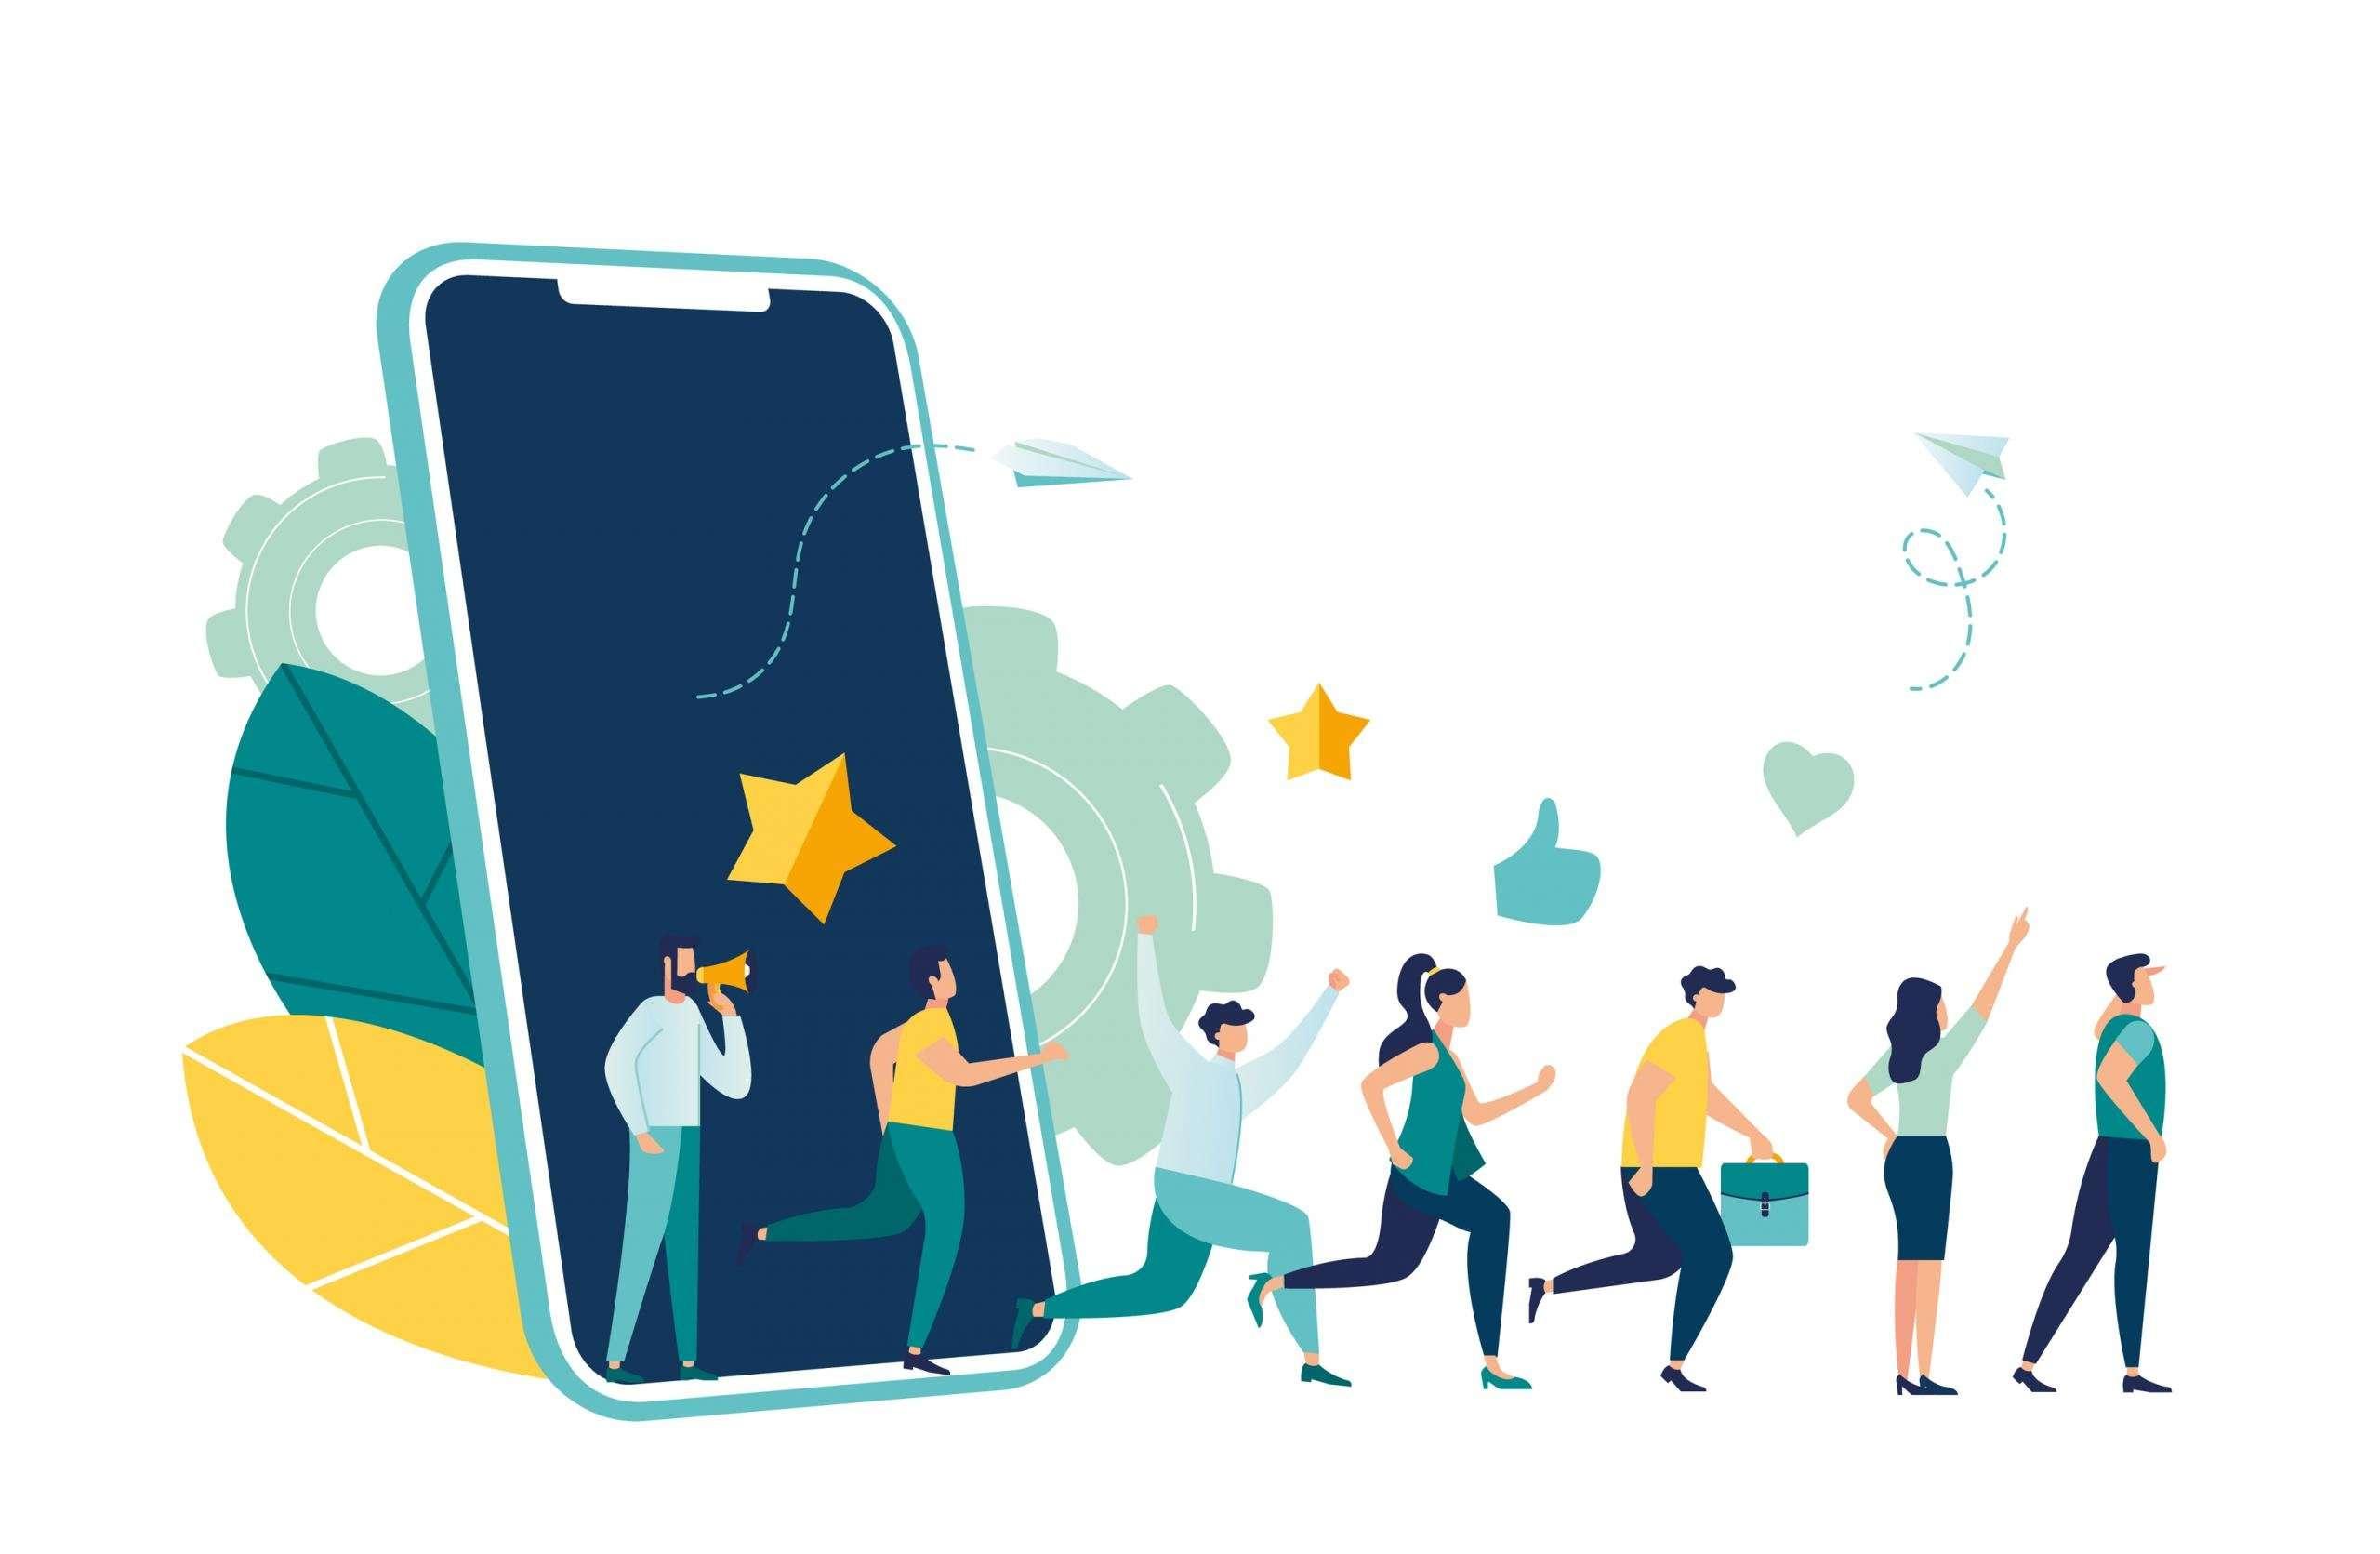 Tại sao việc sửa đổi chương trình khách hàng thân thiết có thể là bí quyết để thúc đẩy sự tương tác của khách hàng